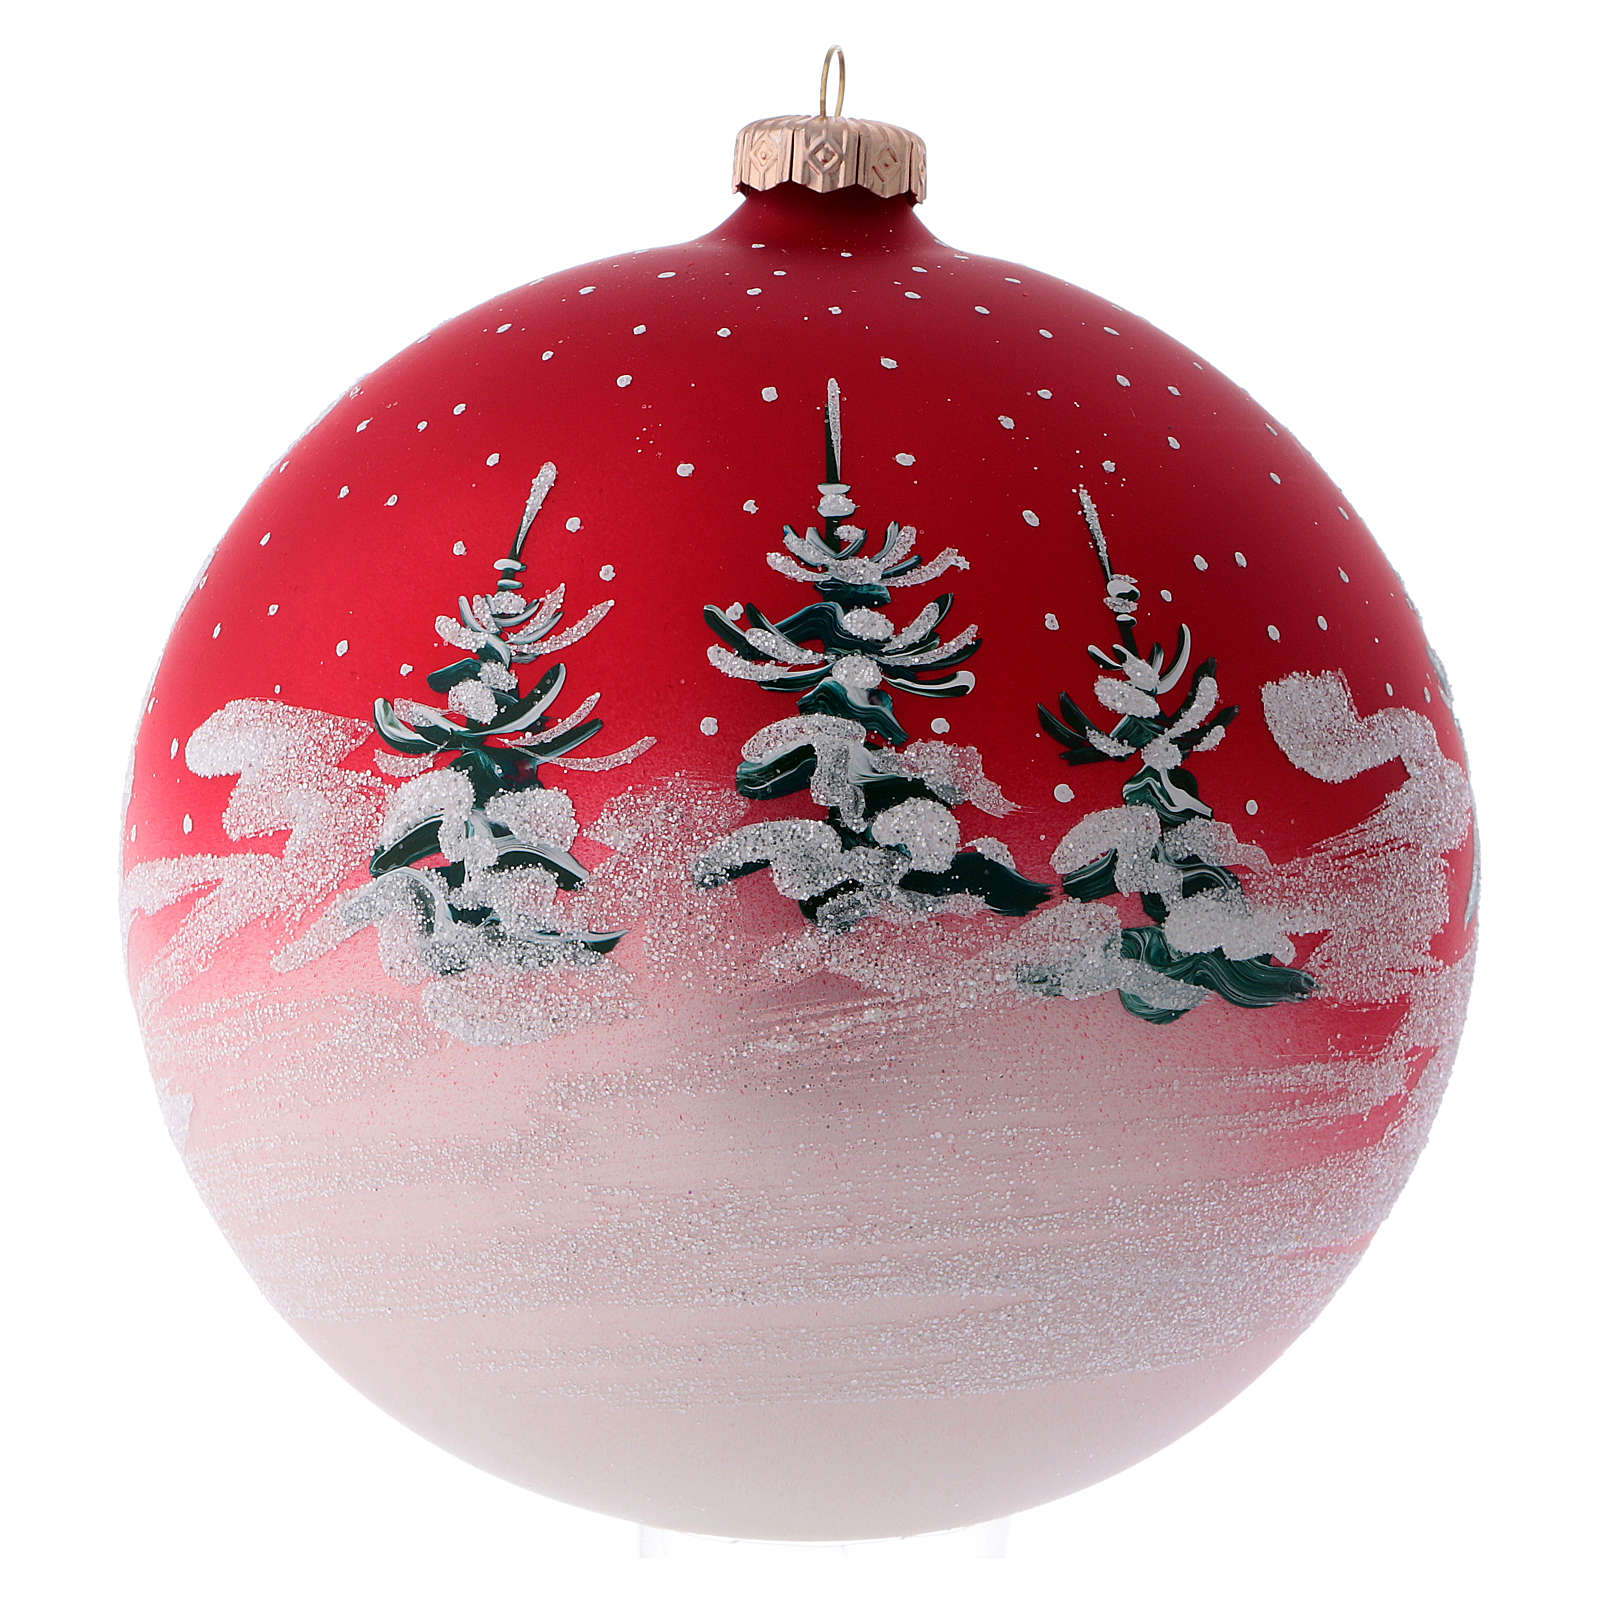 Palla per Albero vetro rossa paesaggio natalizio 150 mm 4